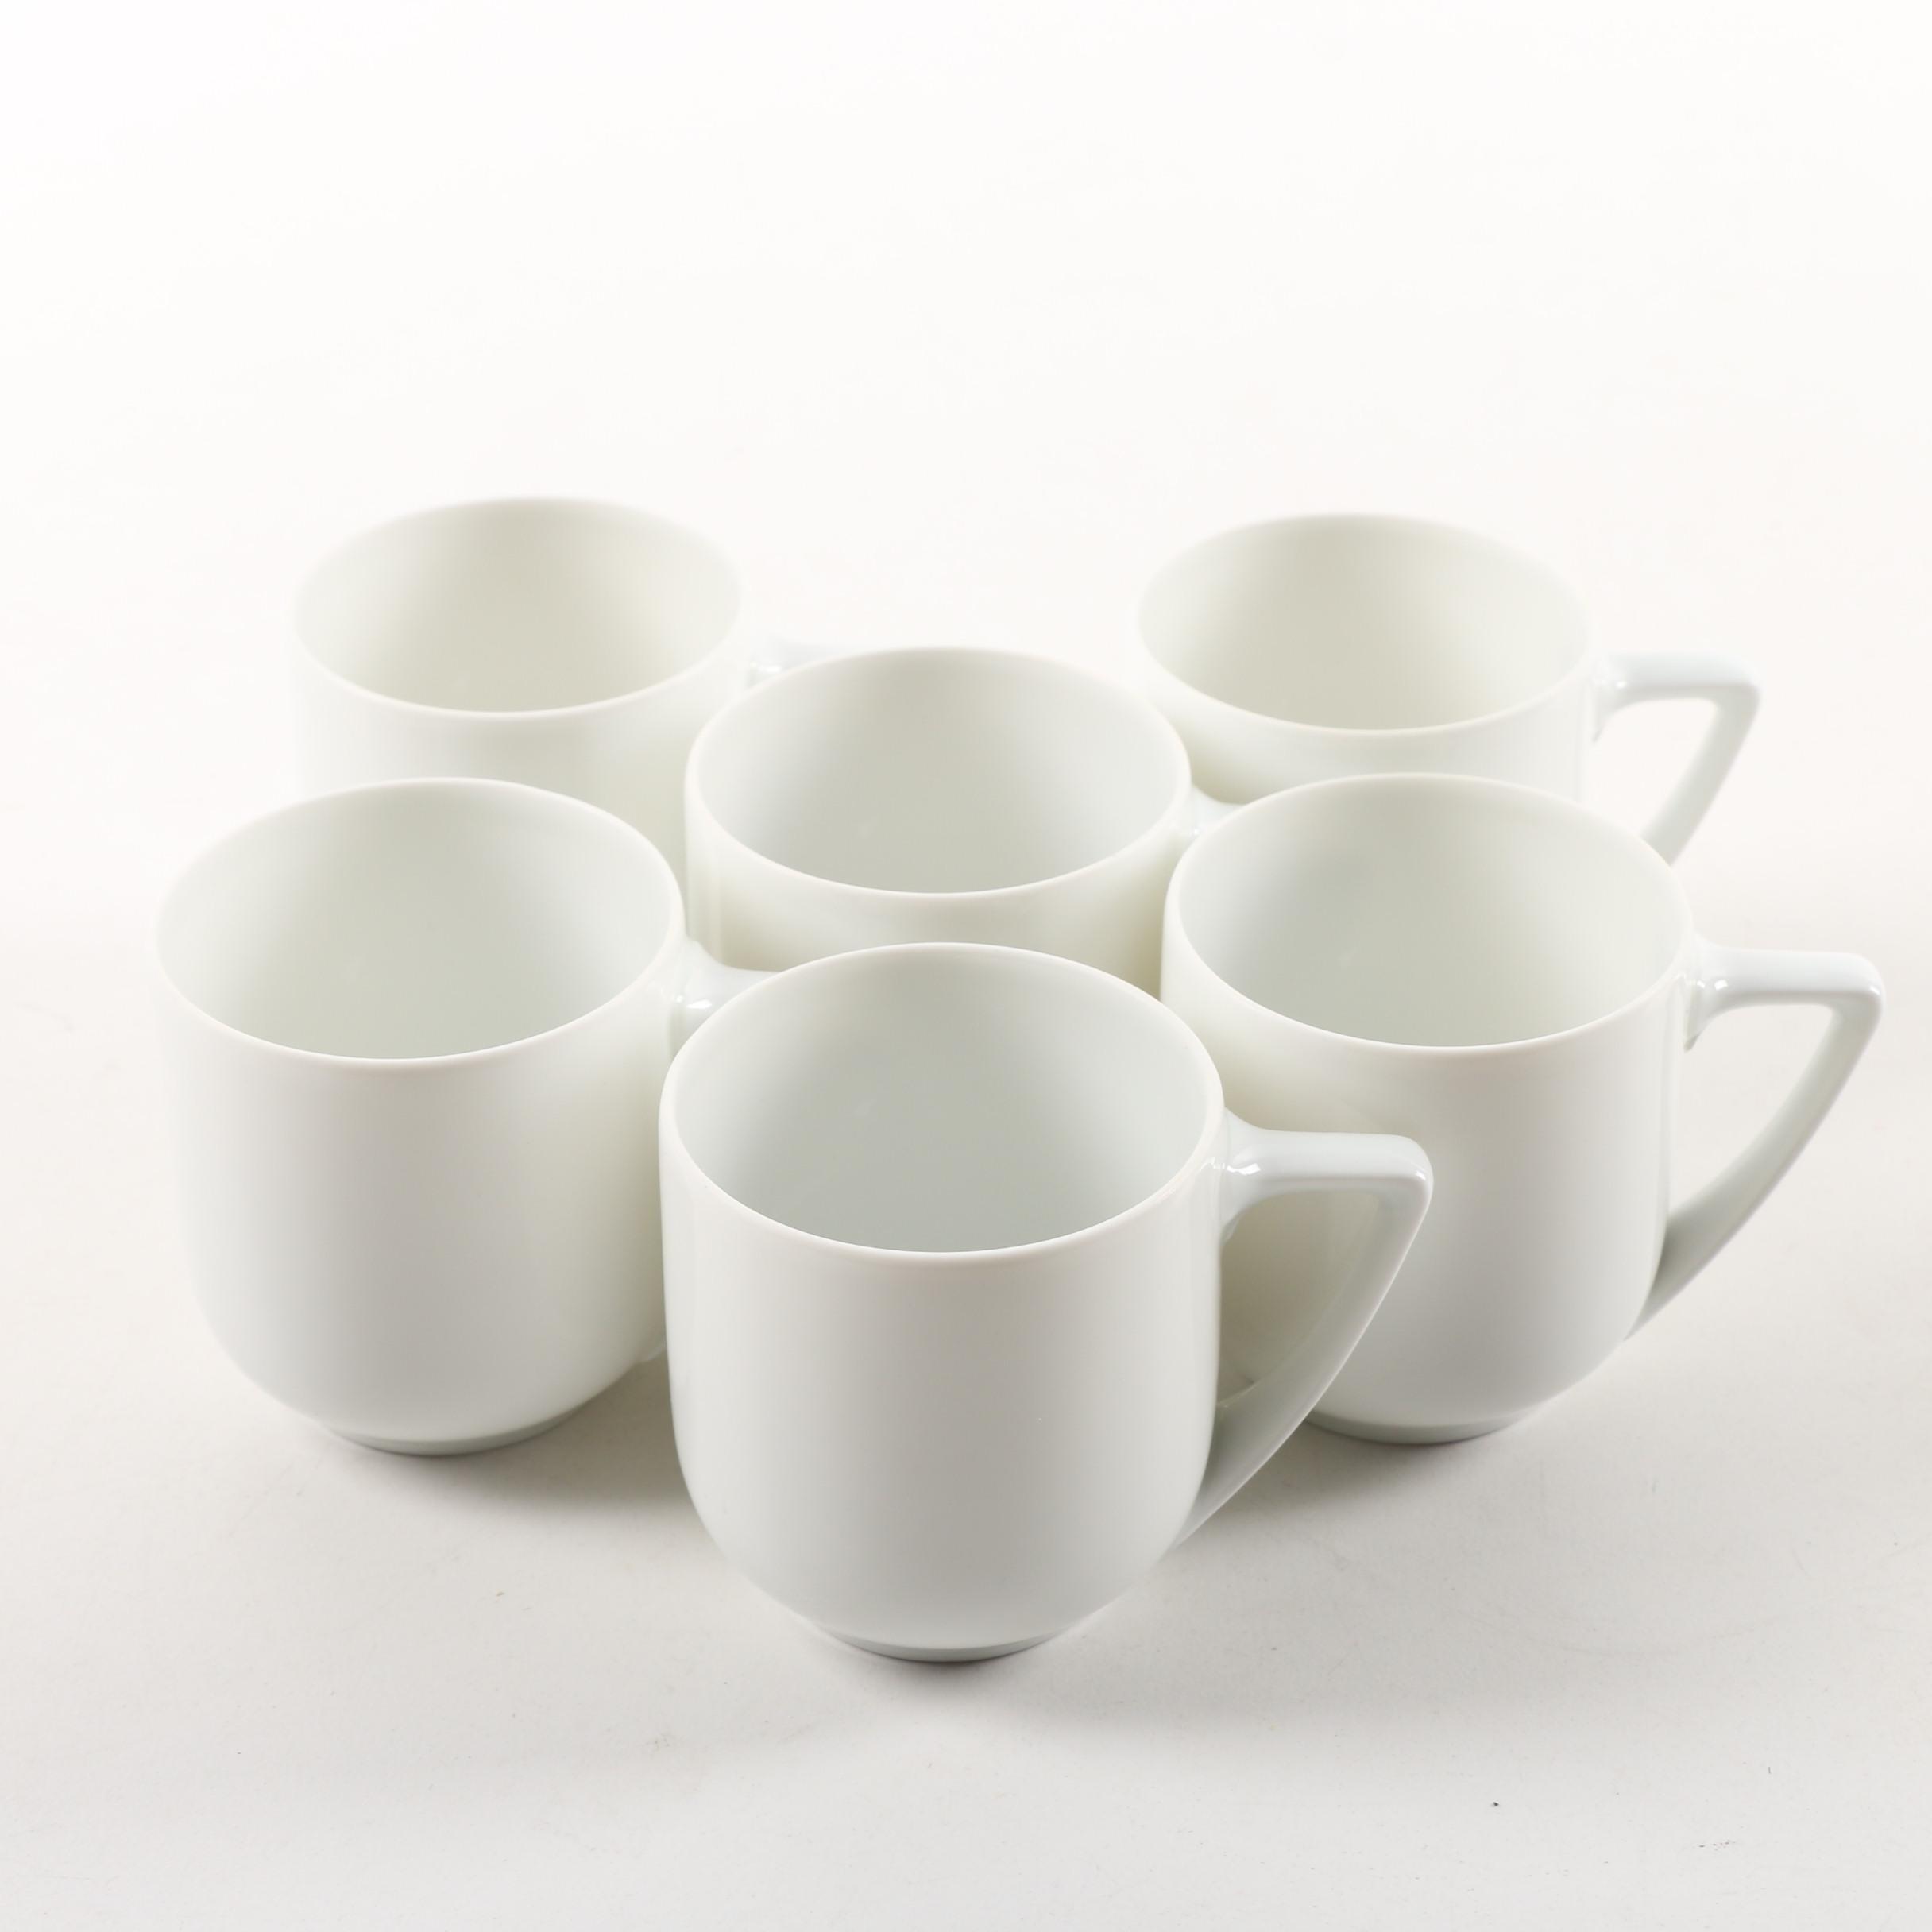 Vintage Rosenthal Porcelain Espresso Cups